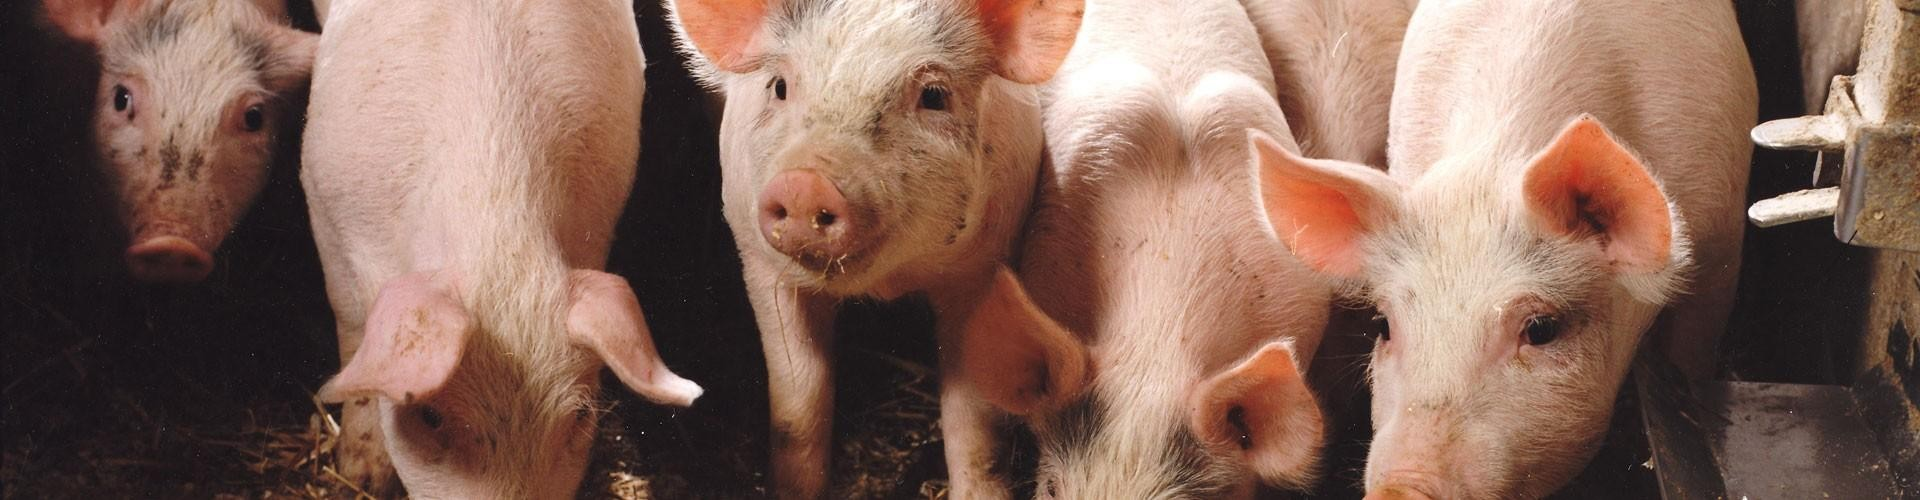 Mikrofloraen i trynen hos grisemed åndedrætsbesvær